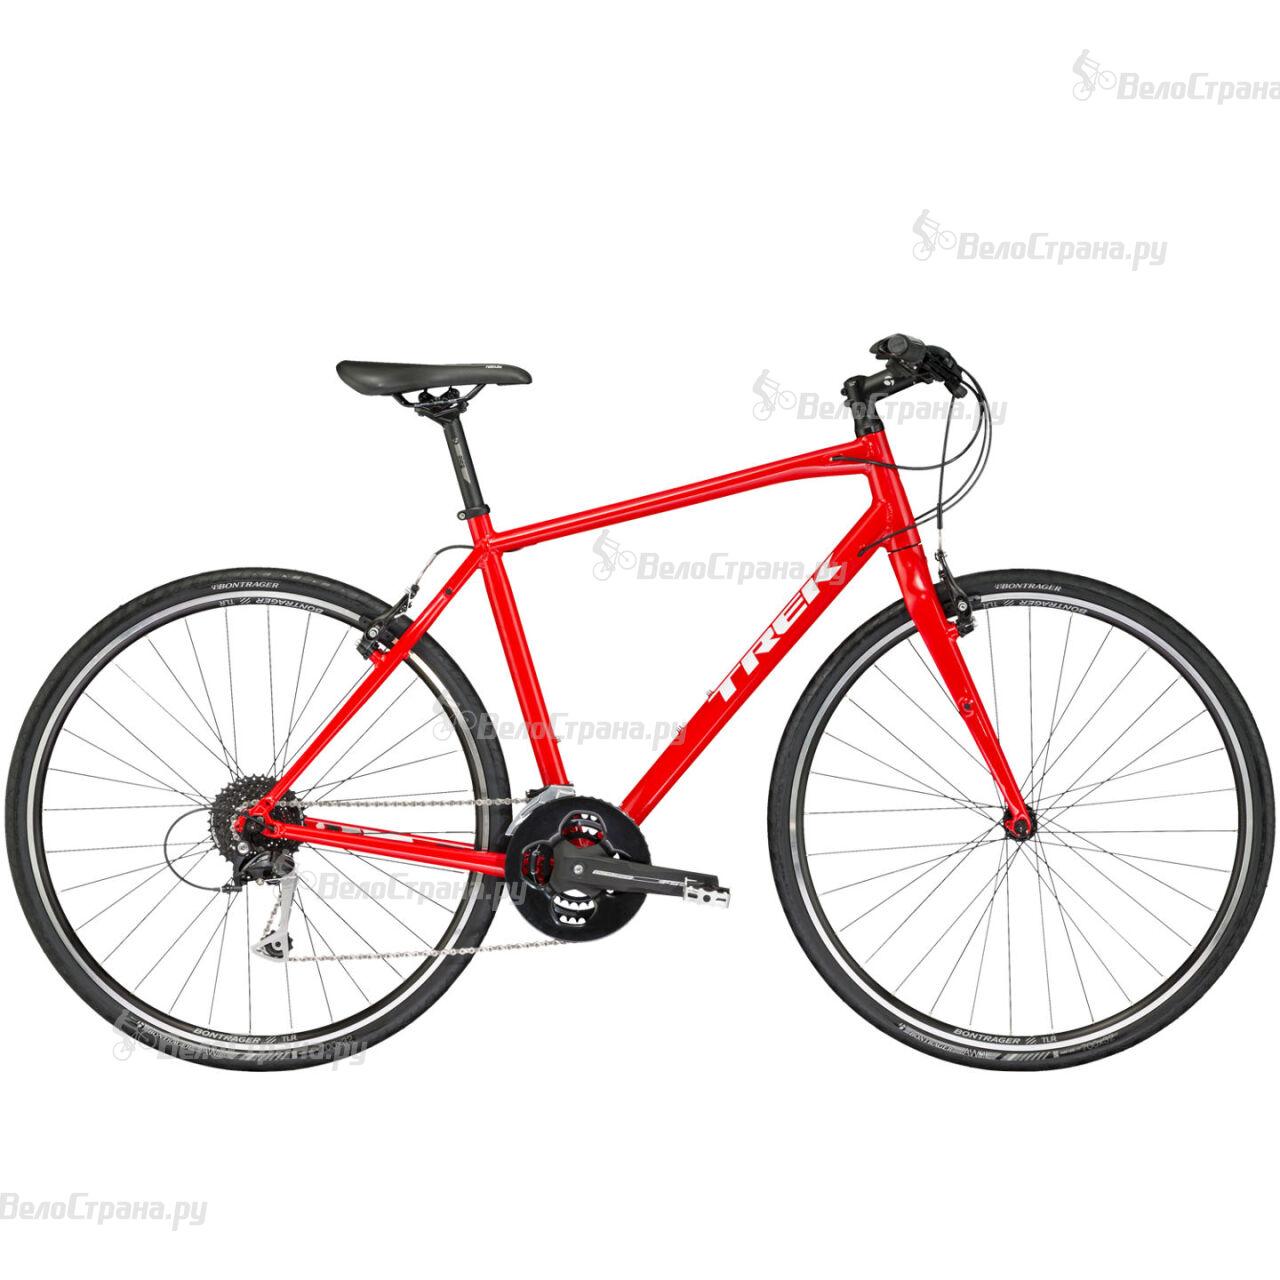 Велосипед Trek FX 3 (2017)